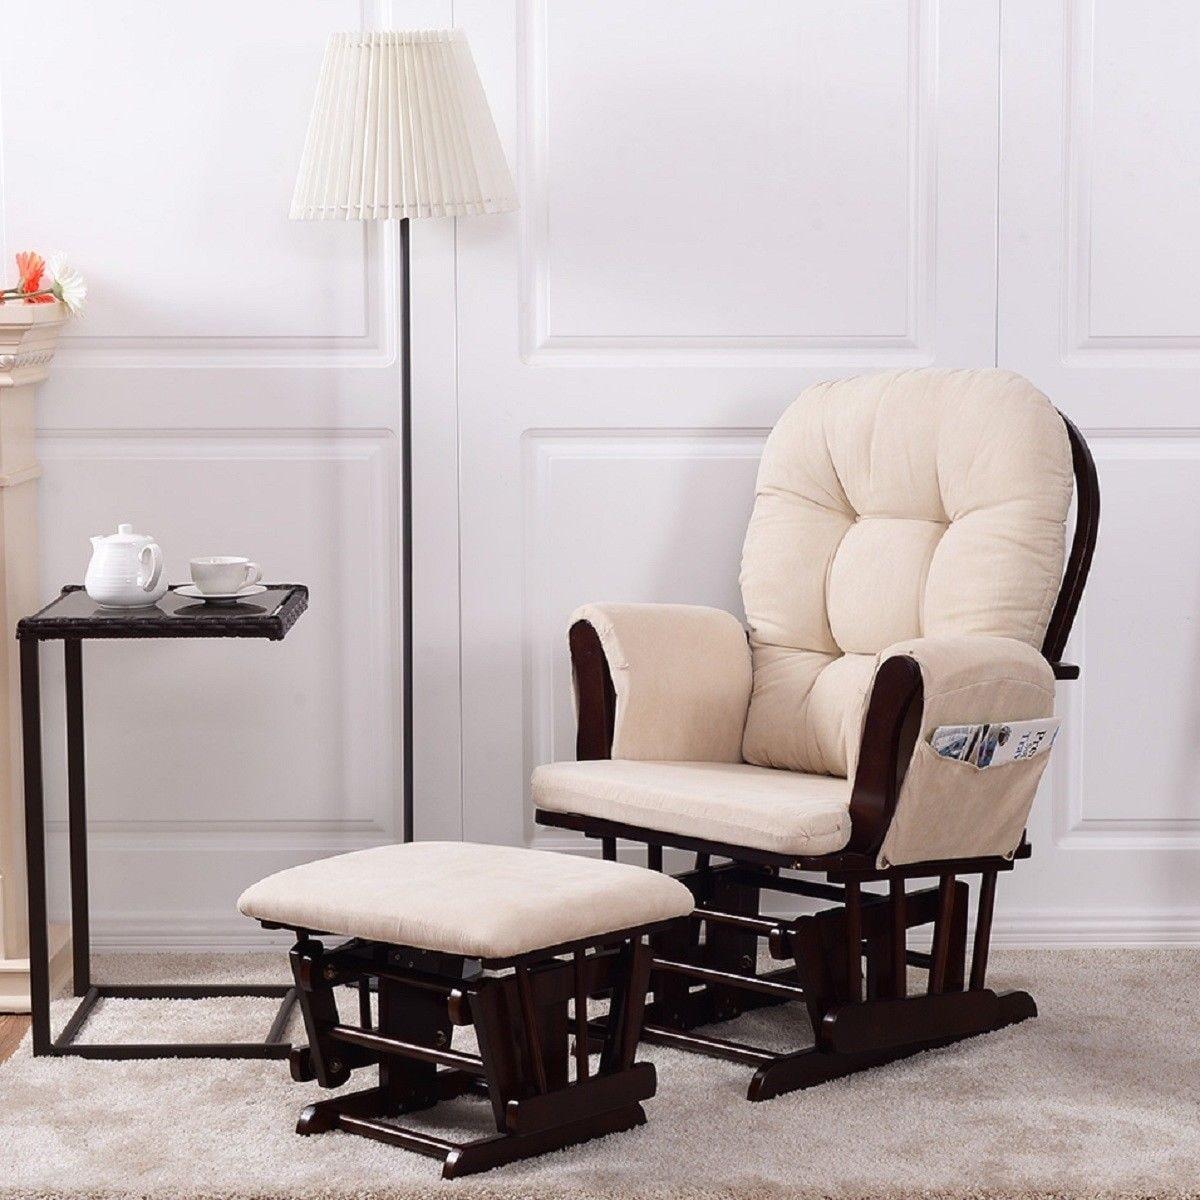 Shop Costway Baby Nursery Relax Rocker Rocking Chair Glider